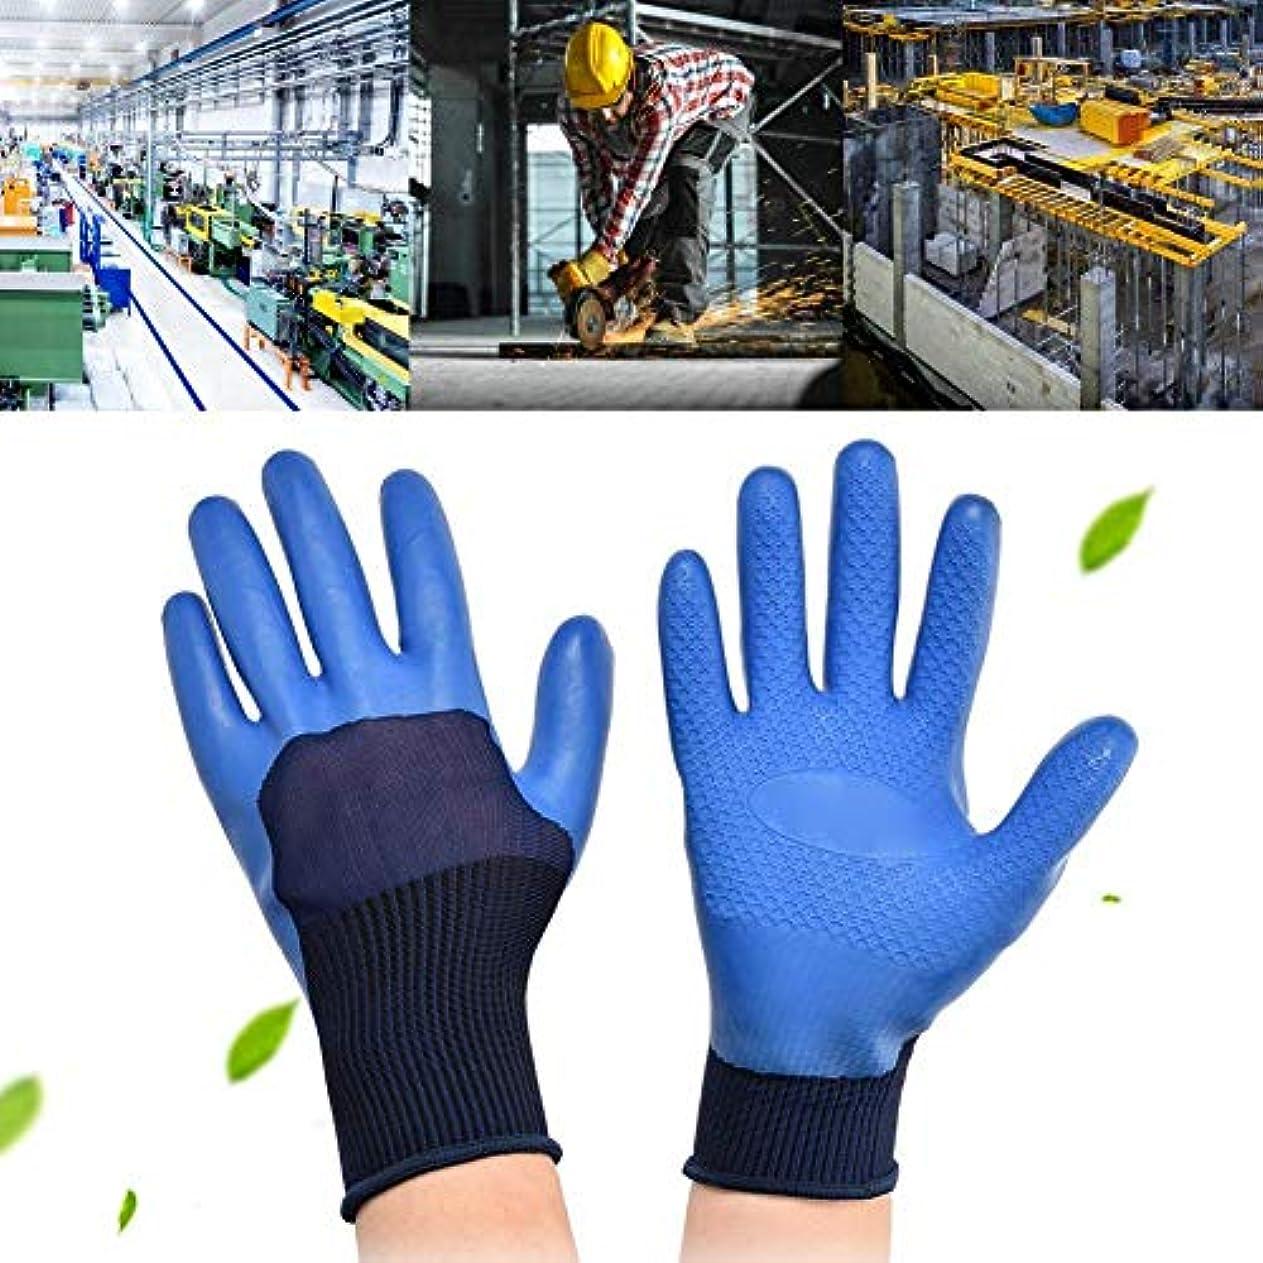 タブレット気分満了作業用手袋、滑り止めラテックス労働保護手袋、耐摩耗性防水安全手袋, 滑り止めラテックス労働保護作業用手袋の耐摩耗性防水安全手袋